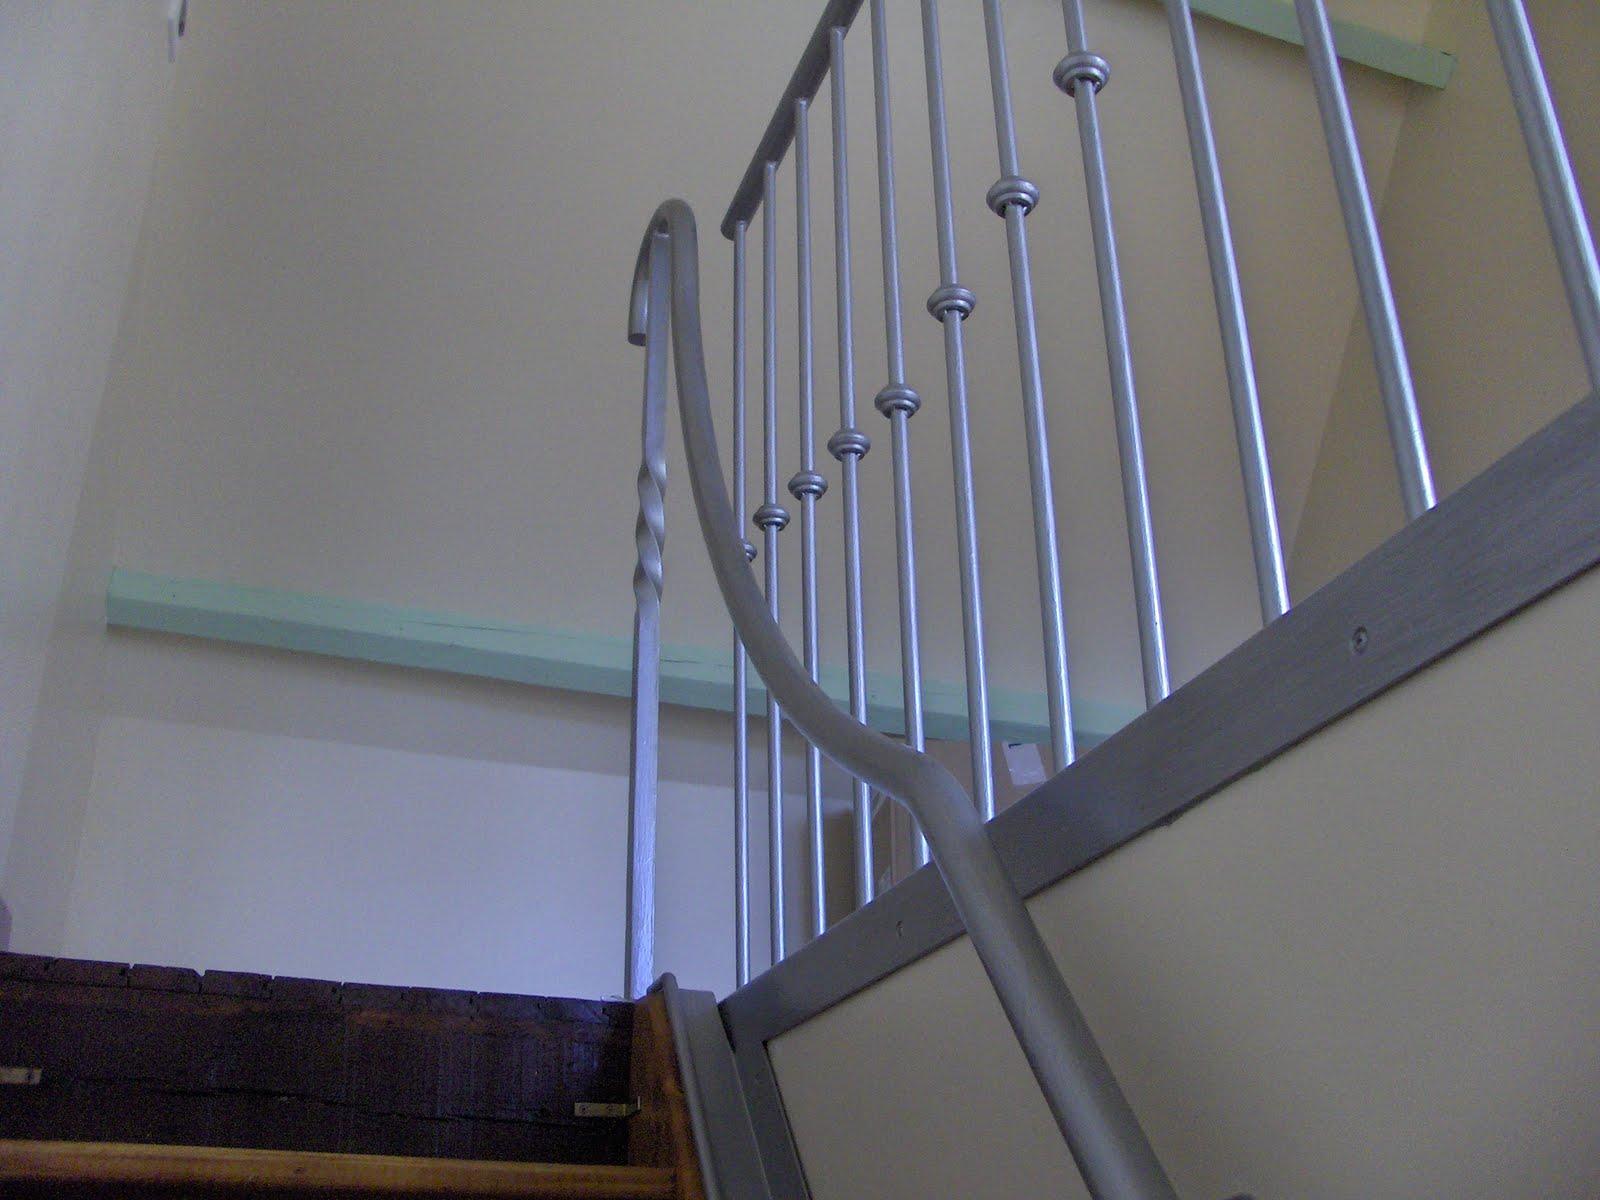 Peindre Un Escalier En Gris toutfer36: rampe d'escalier peinture gris martelé poteau torsadé